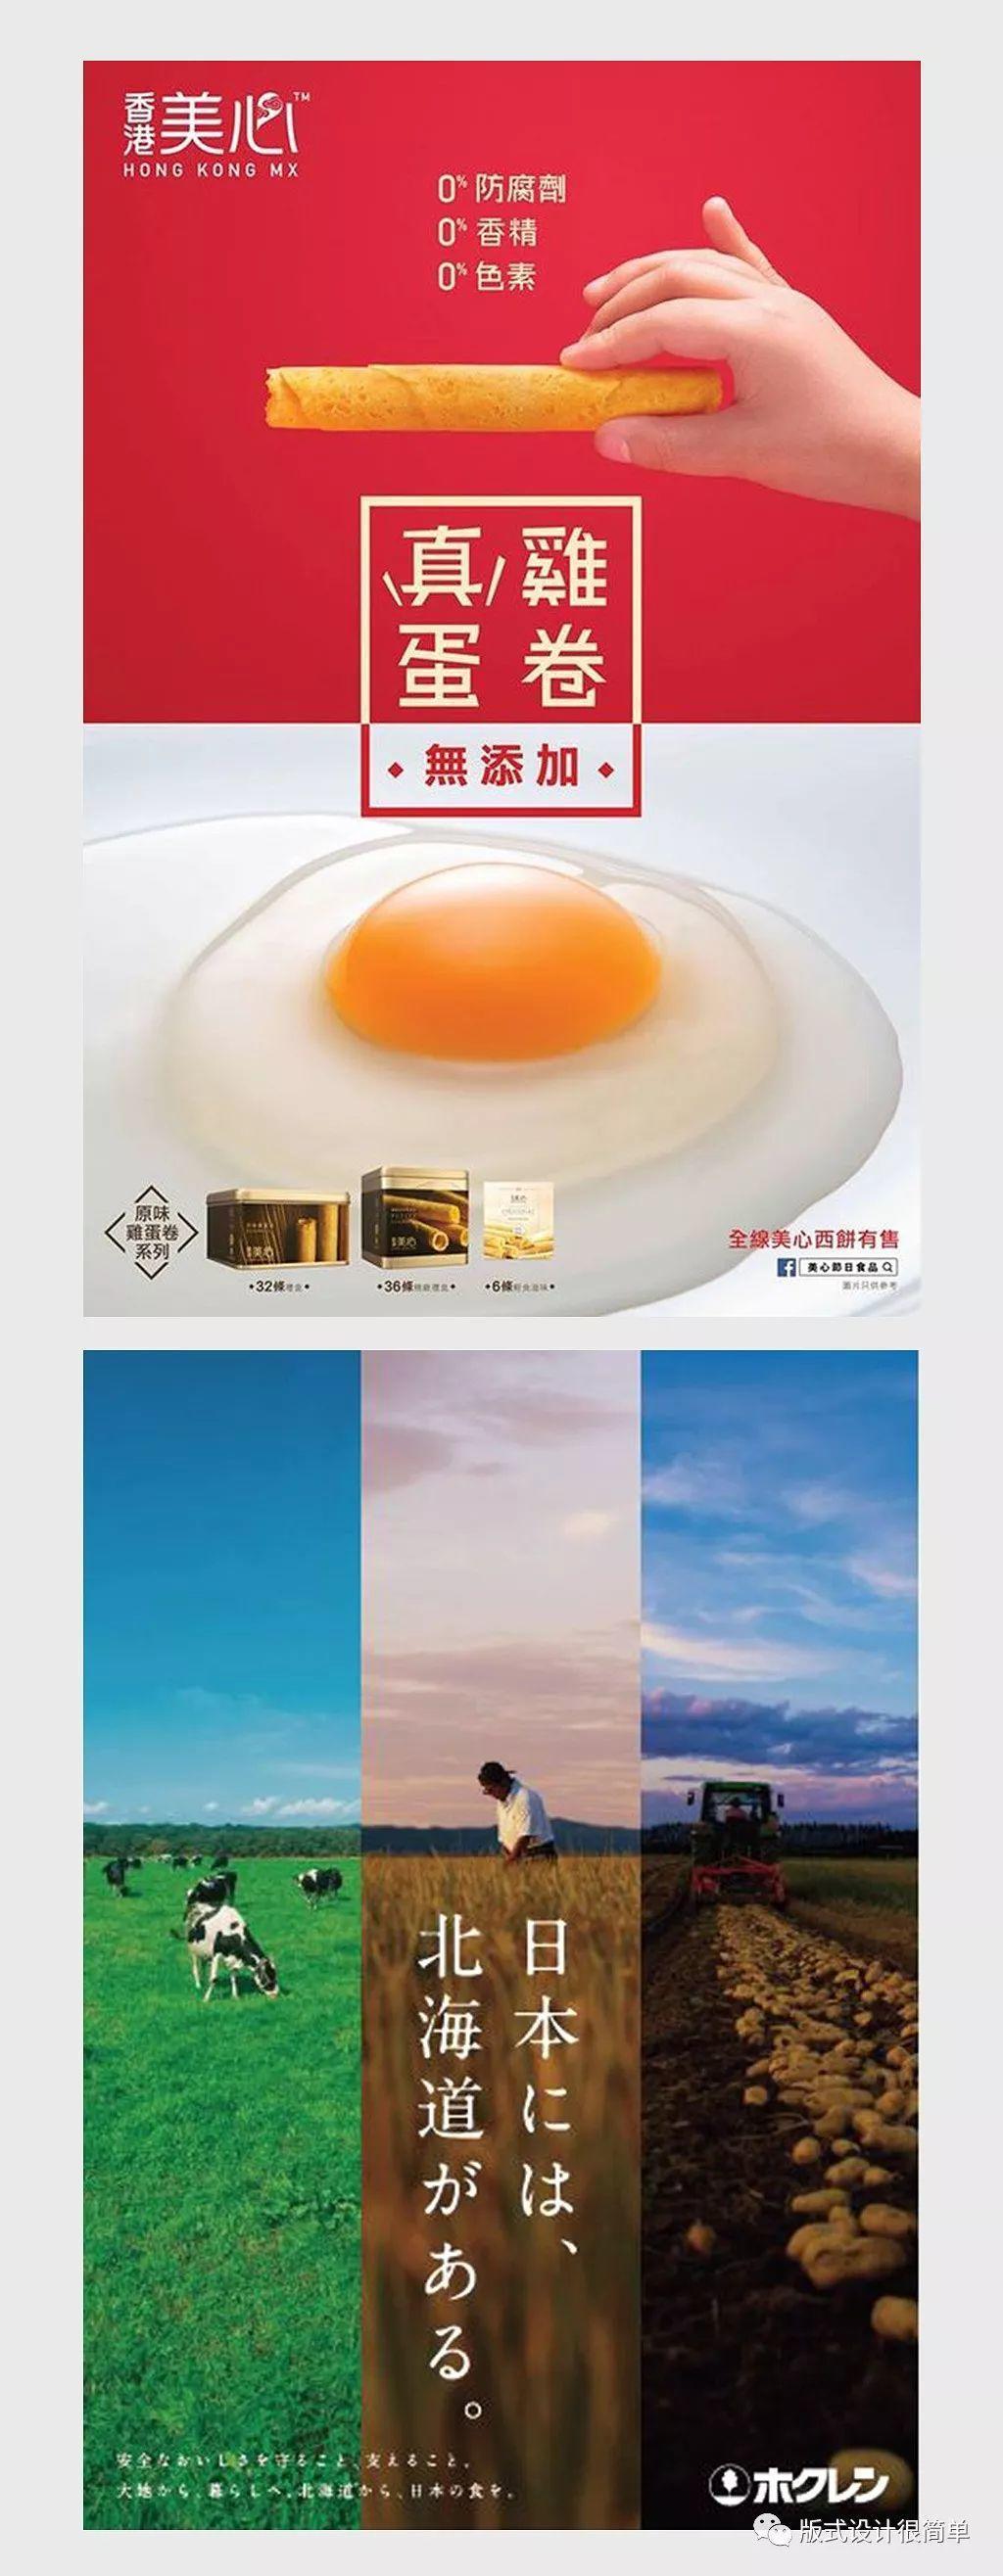 美心蛋卷广告